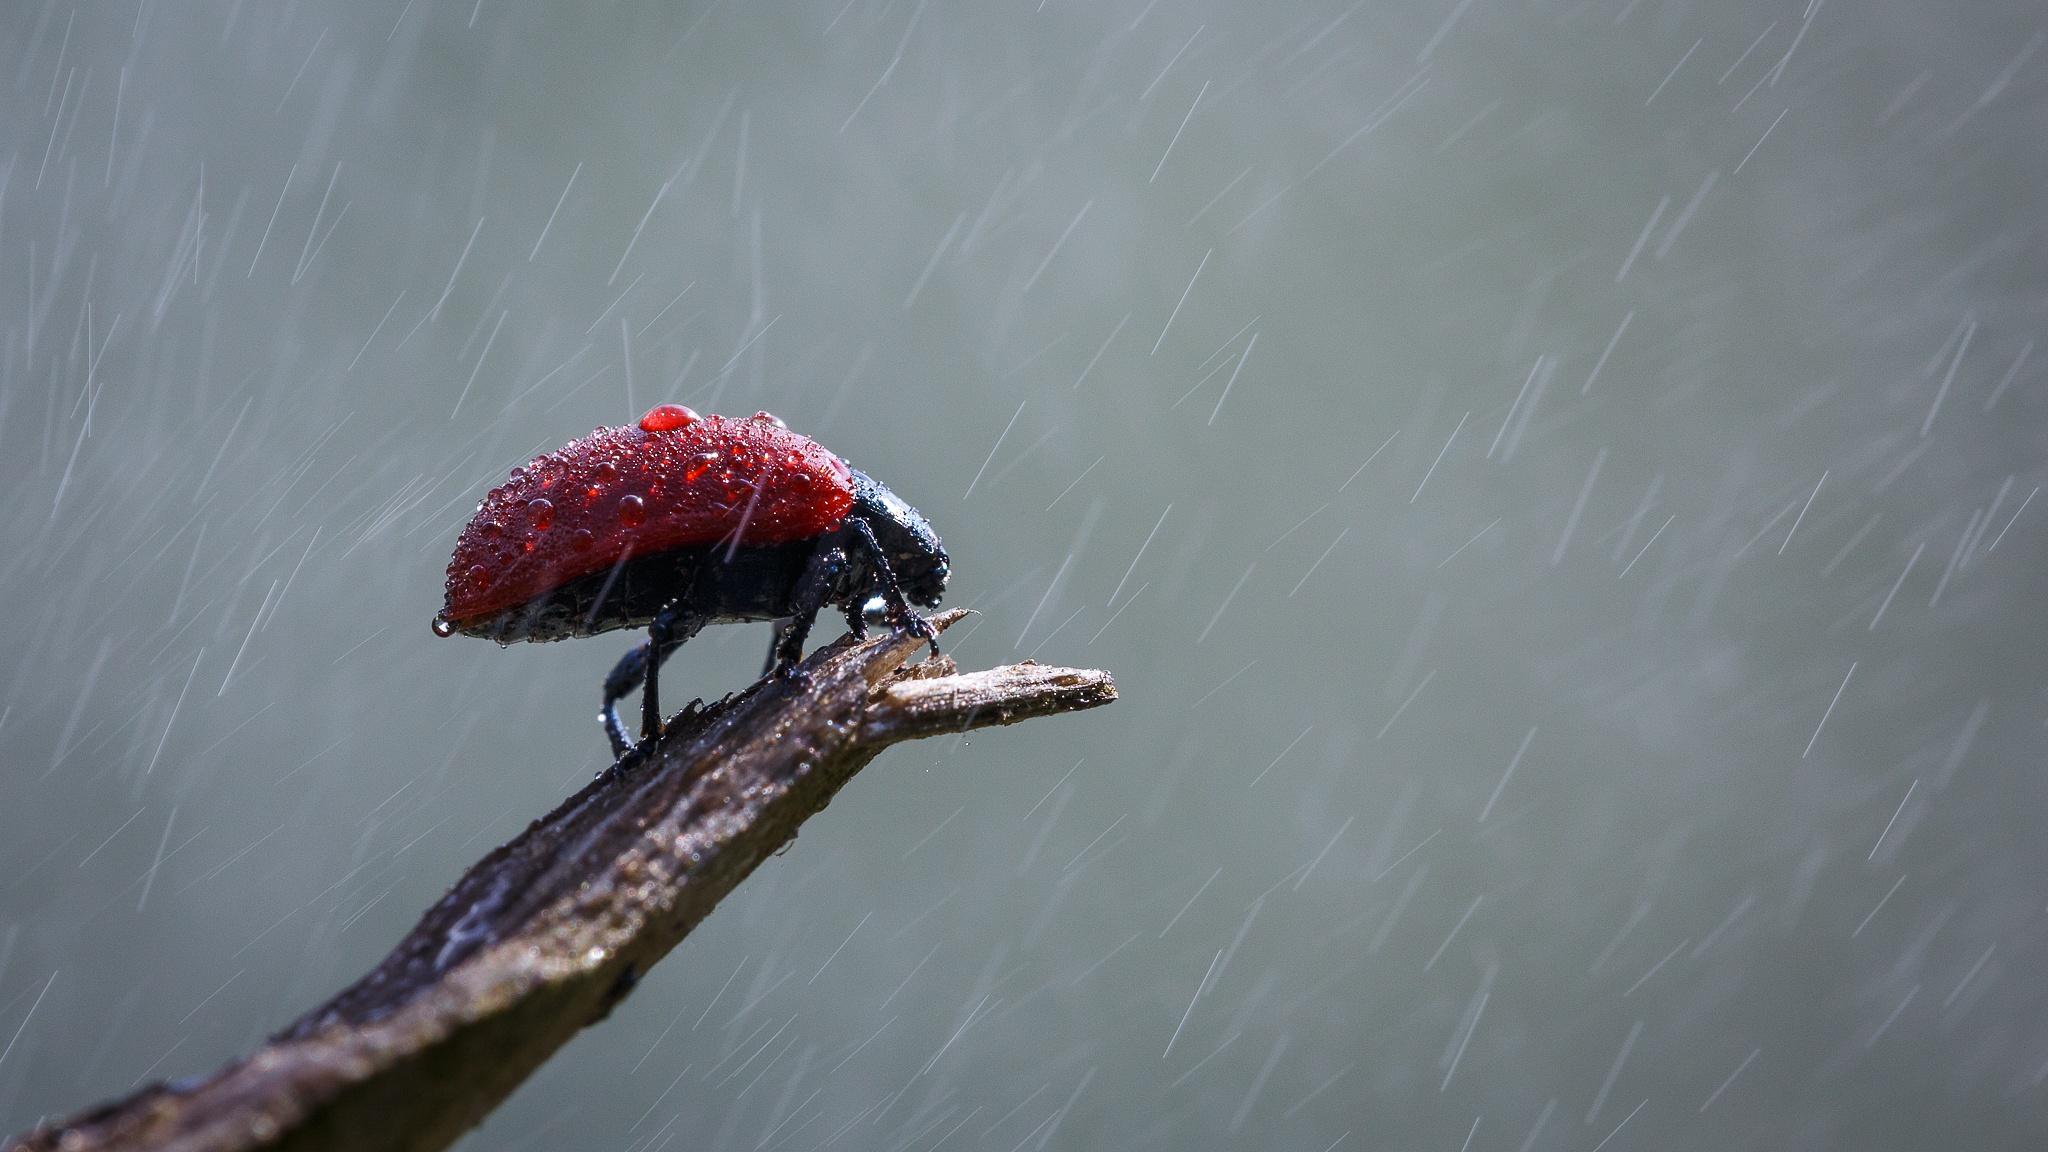 The naked ladybug by Andrea Martinez